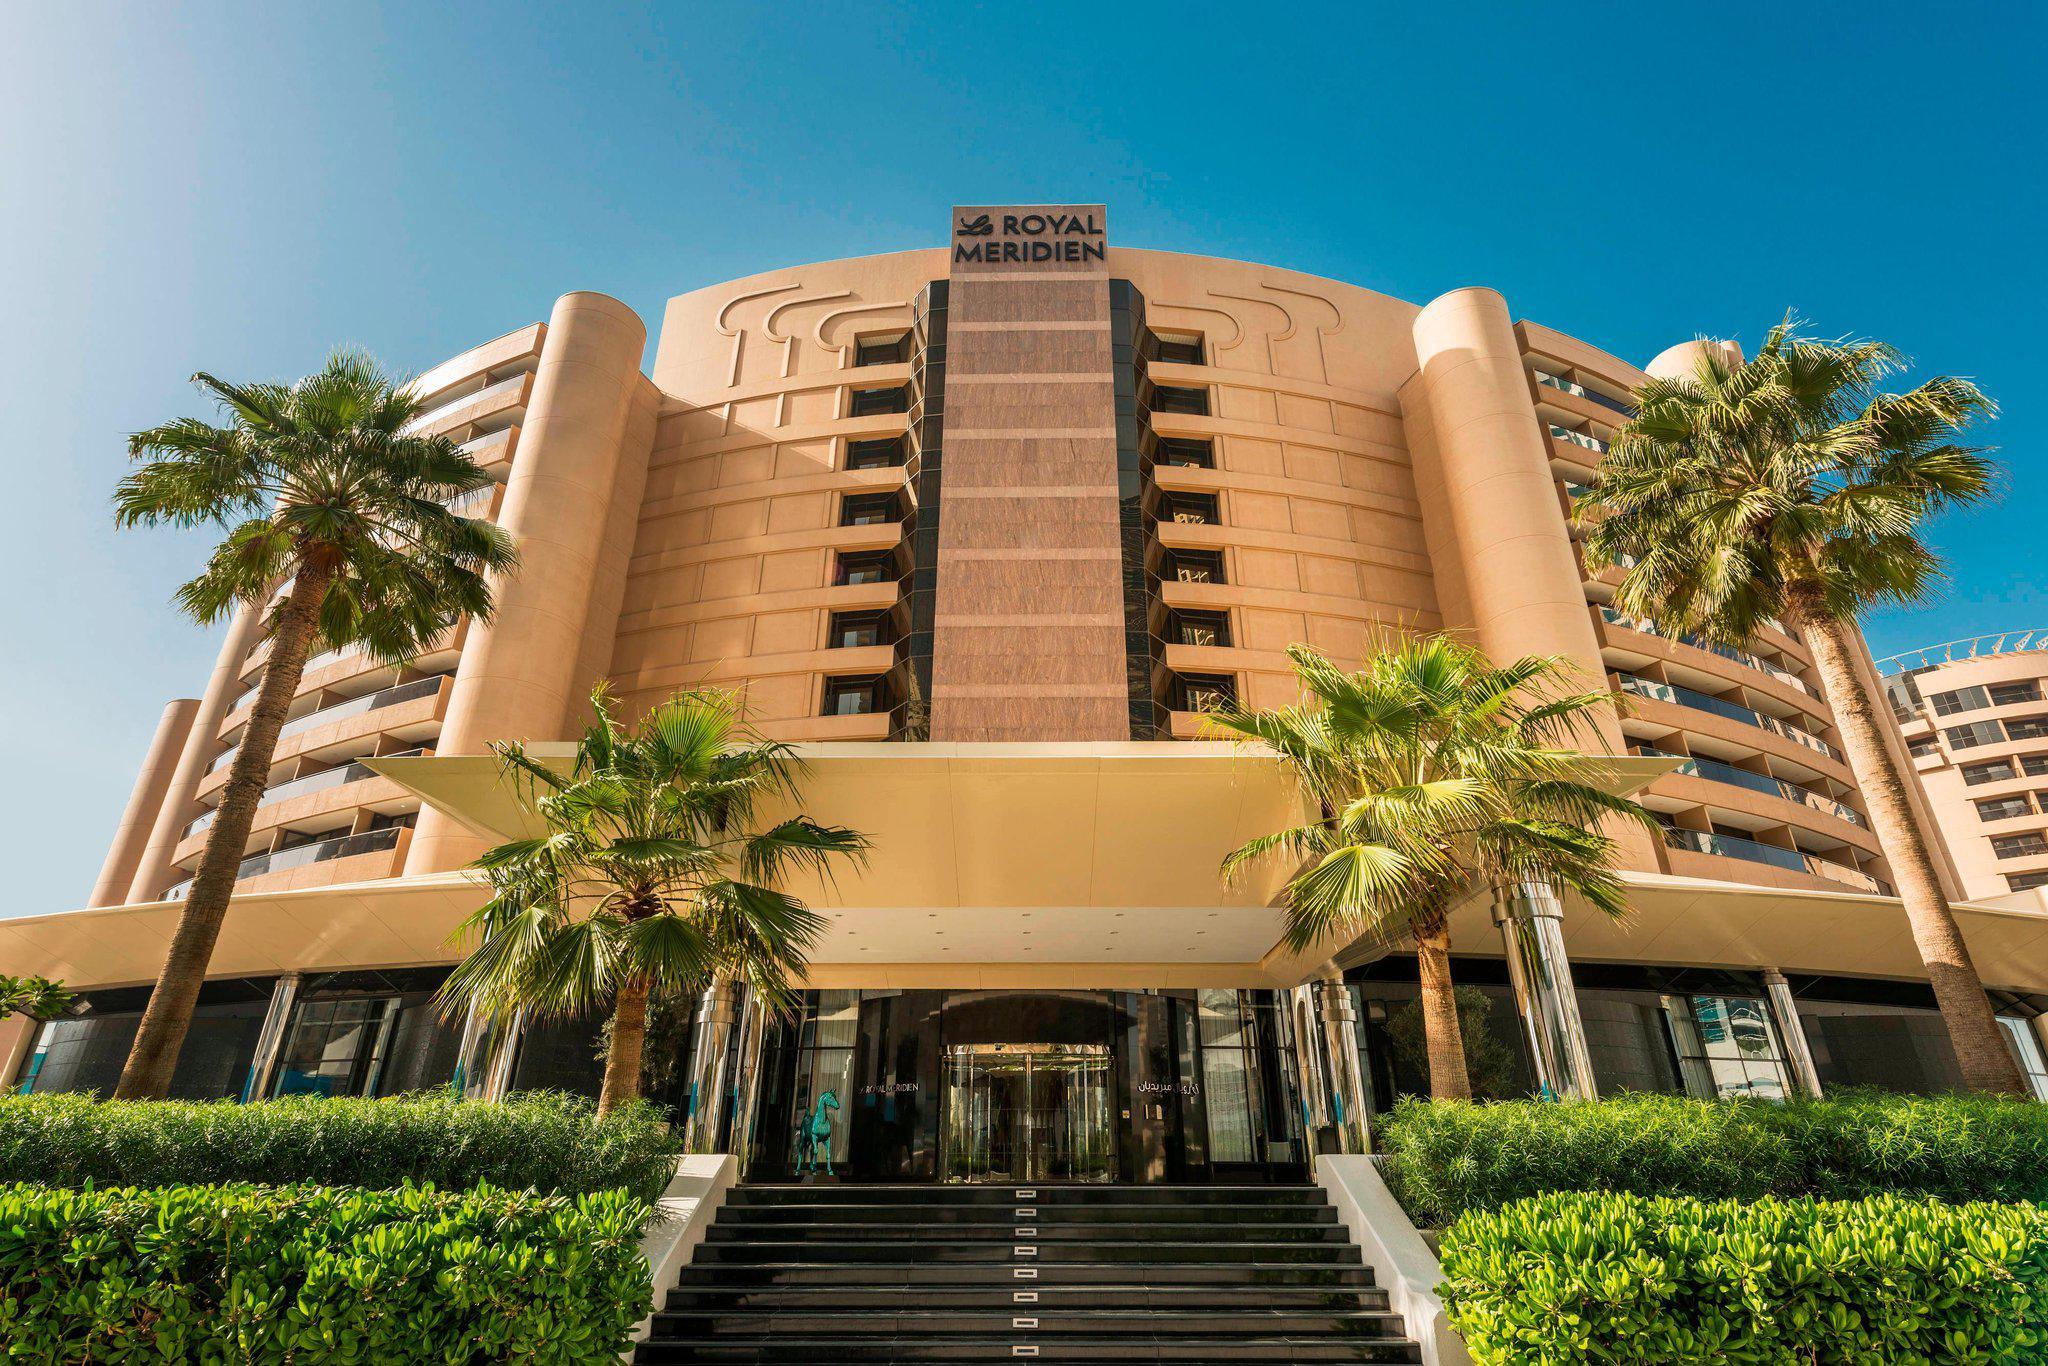 Le Royal Méridien Beach Resort & Spa